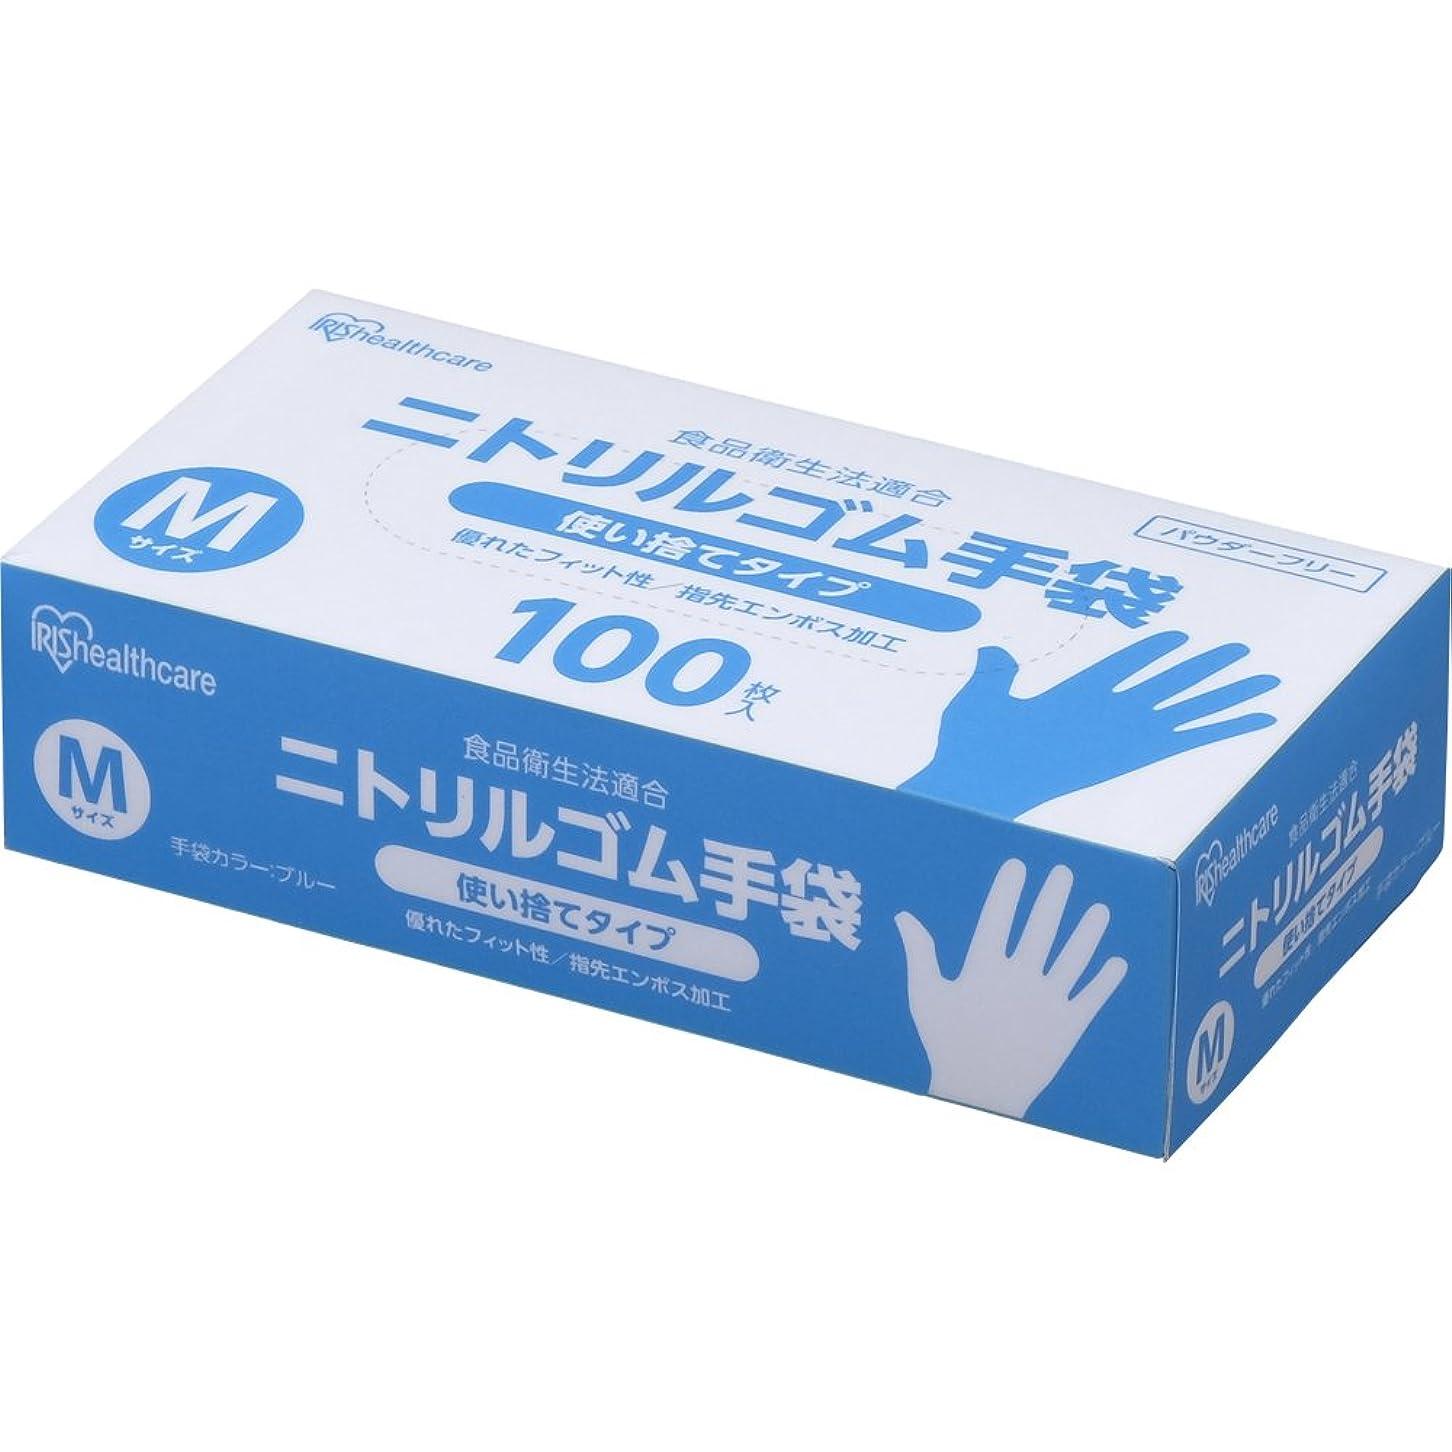 仲人シリングペインティングアイリスオーヤマ 使い捨て手袋 ブルー ニトリルゴム 100枚 Mサイズ 業務用